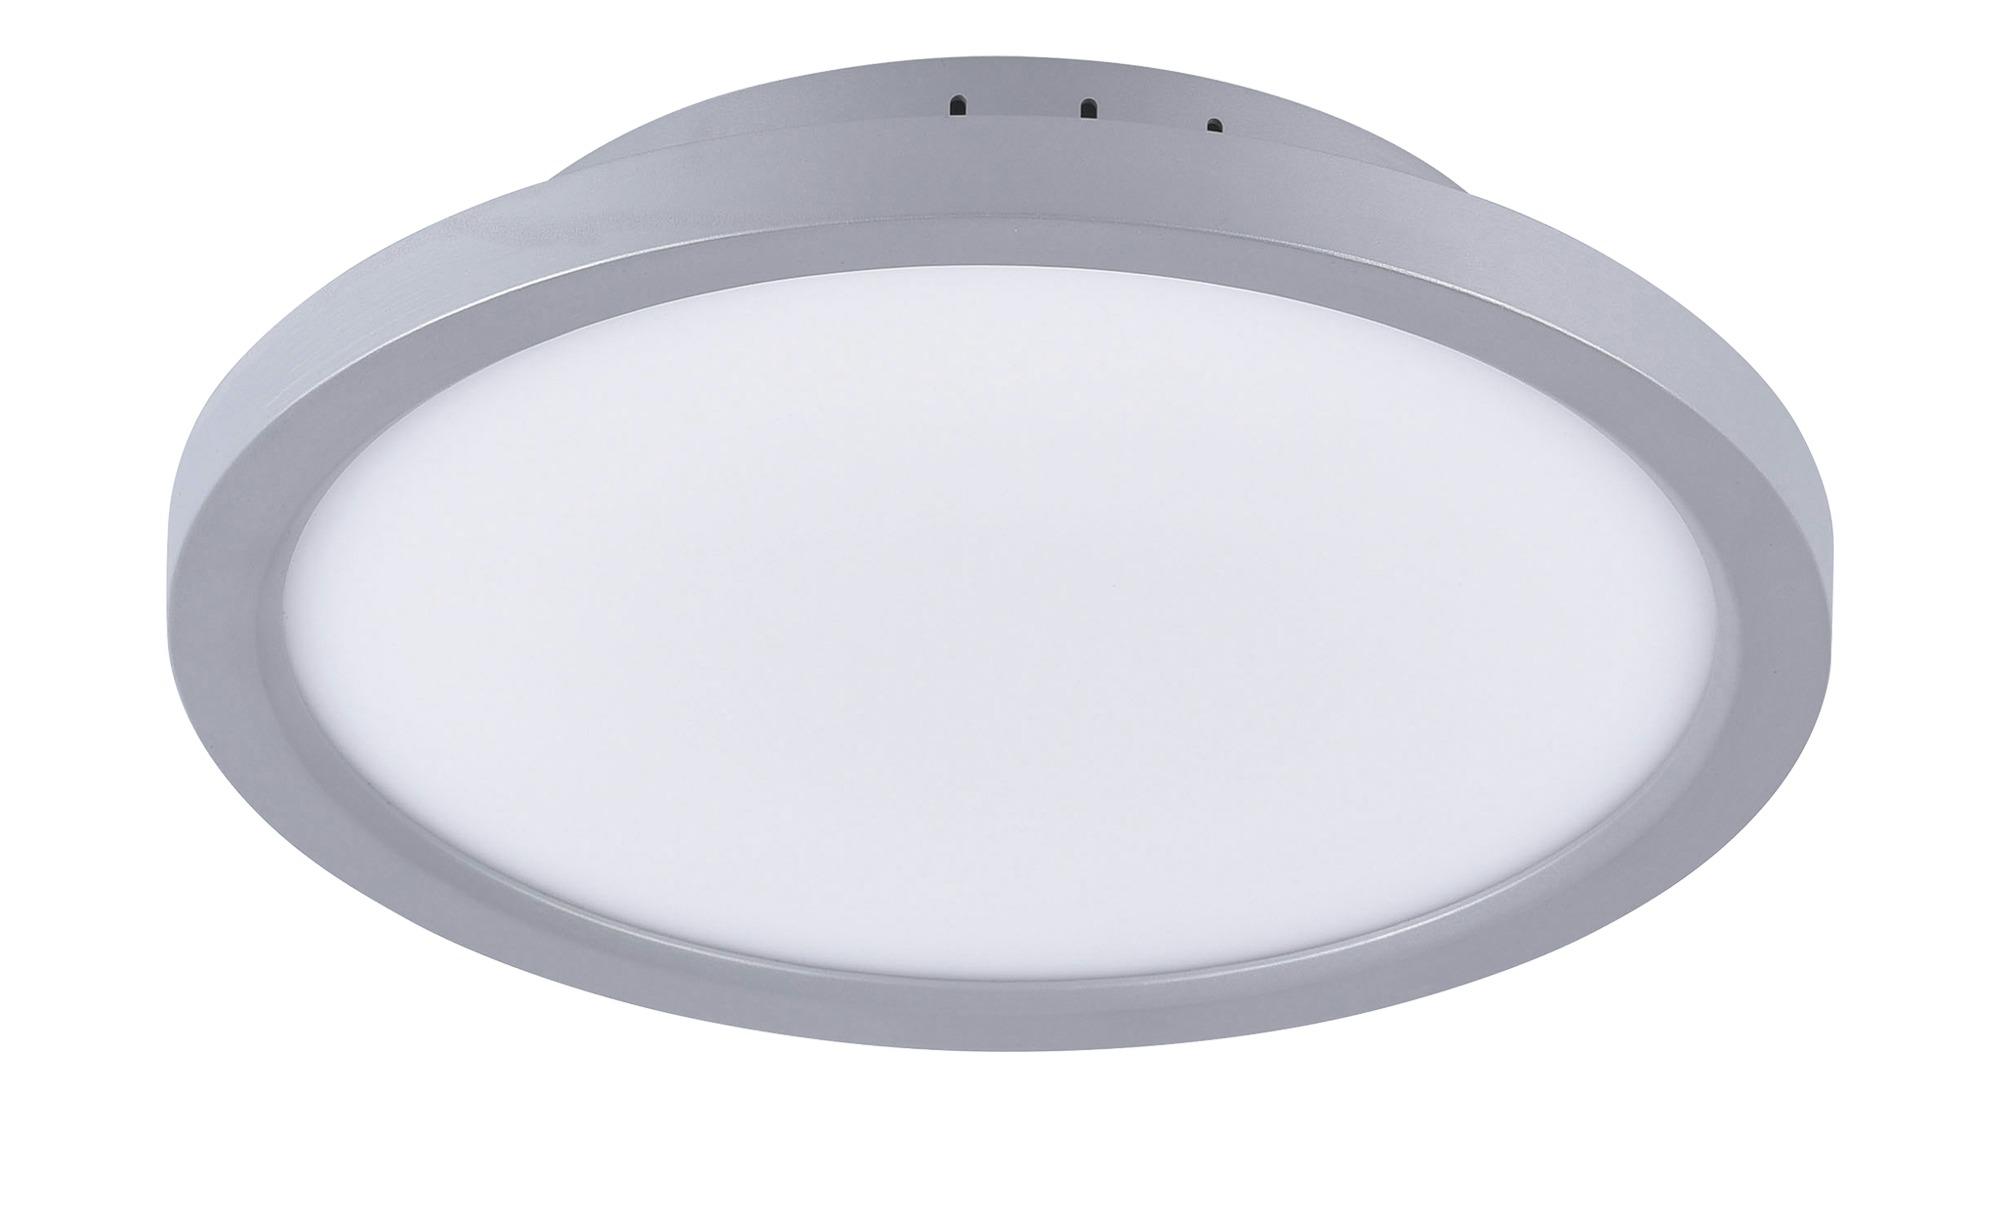 Paul Neuhaus LED-Deckenleuchte, 1-flammig, silberfarben ¦ silber ¦ Maße (cm): H: 5,6 Ø: [30.0] Lampen & Leuchten > Innenleuchten > Deckenleuchten - Höffner